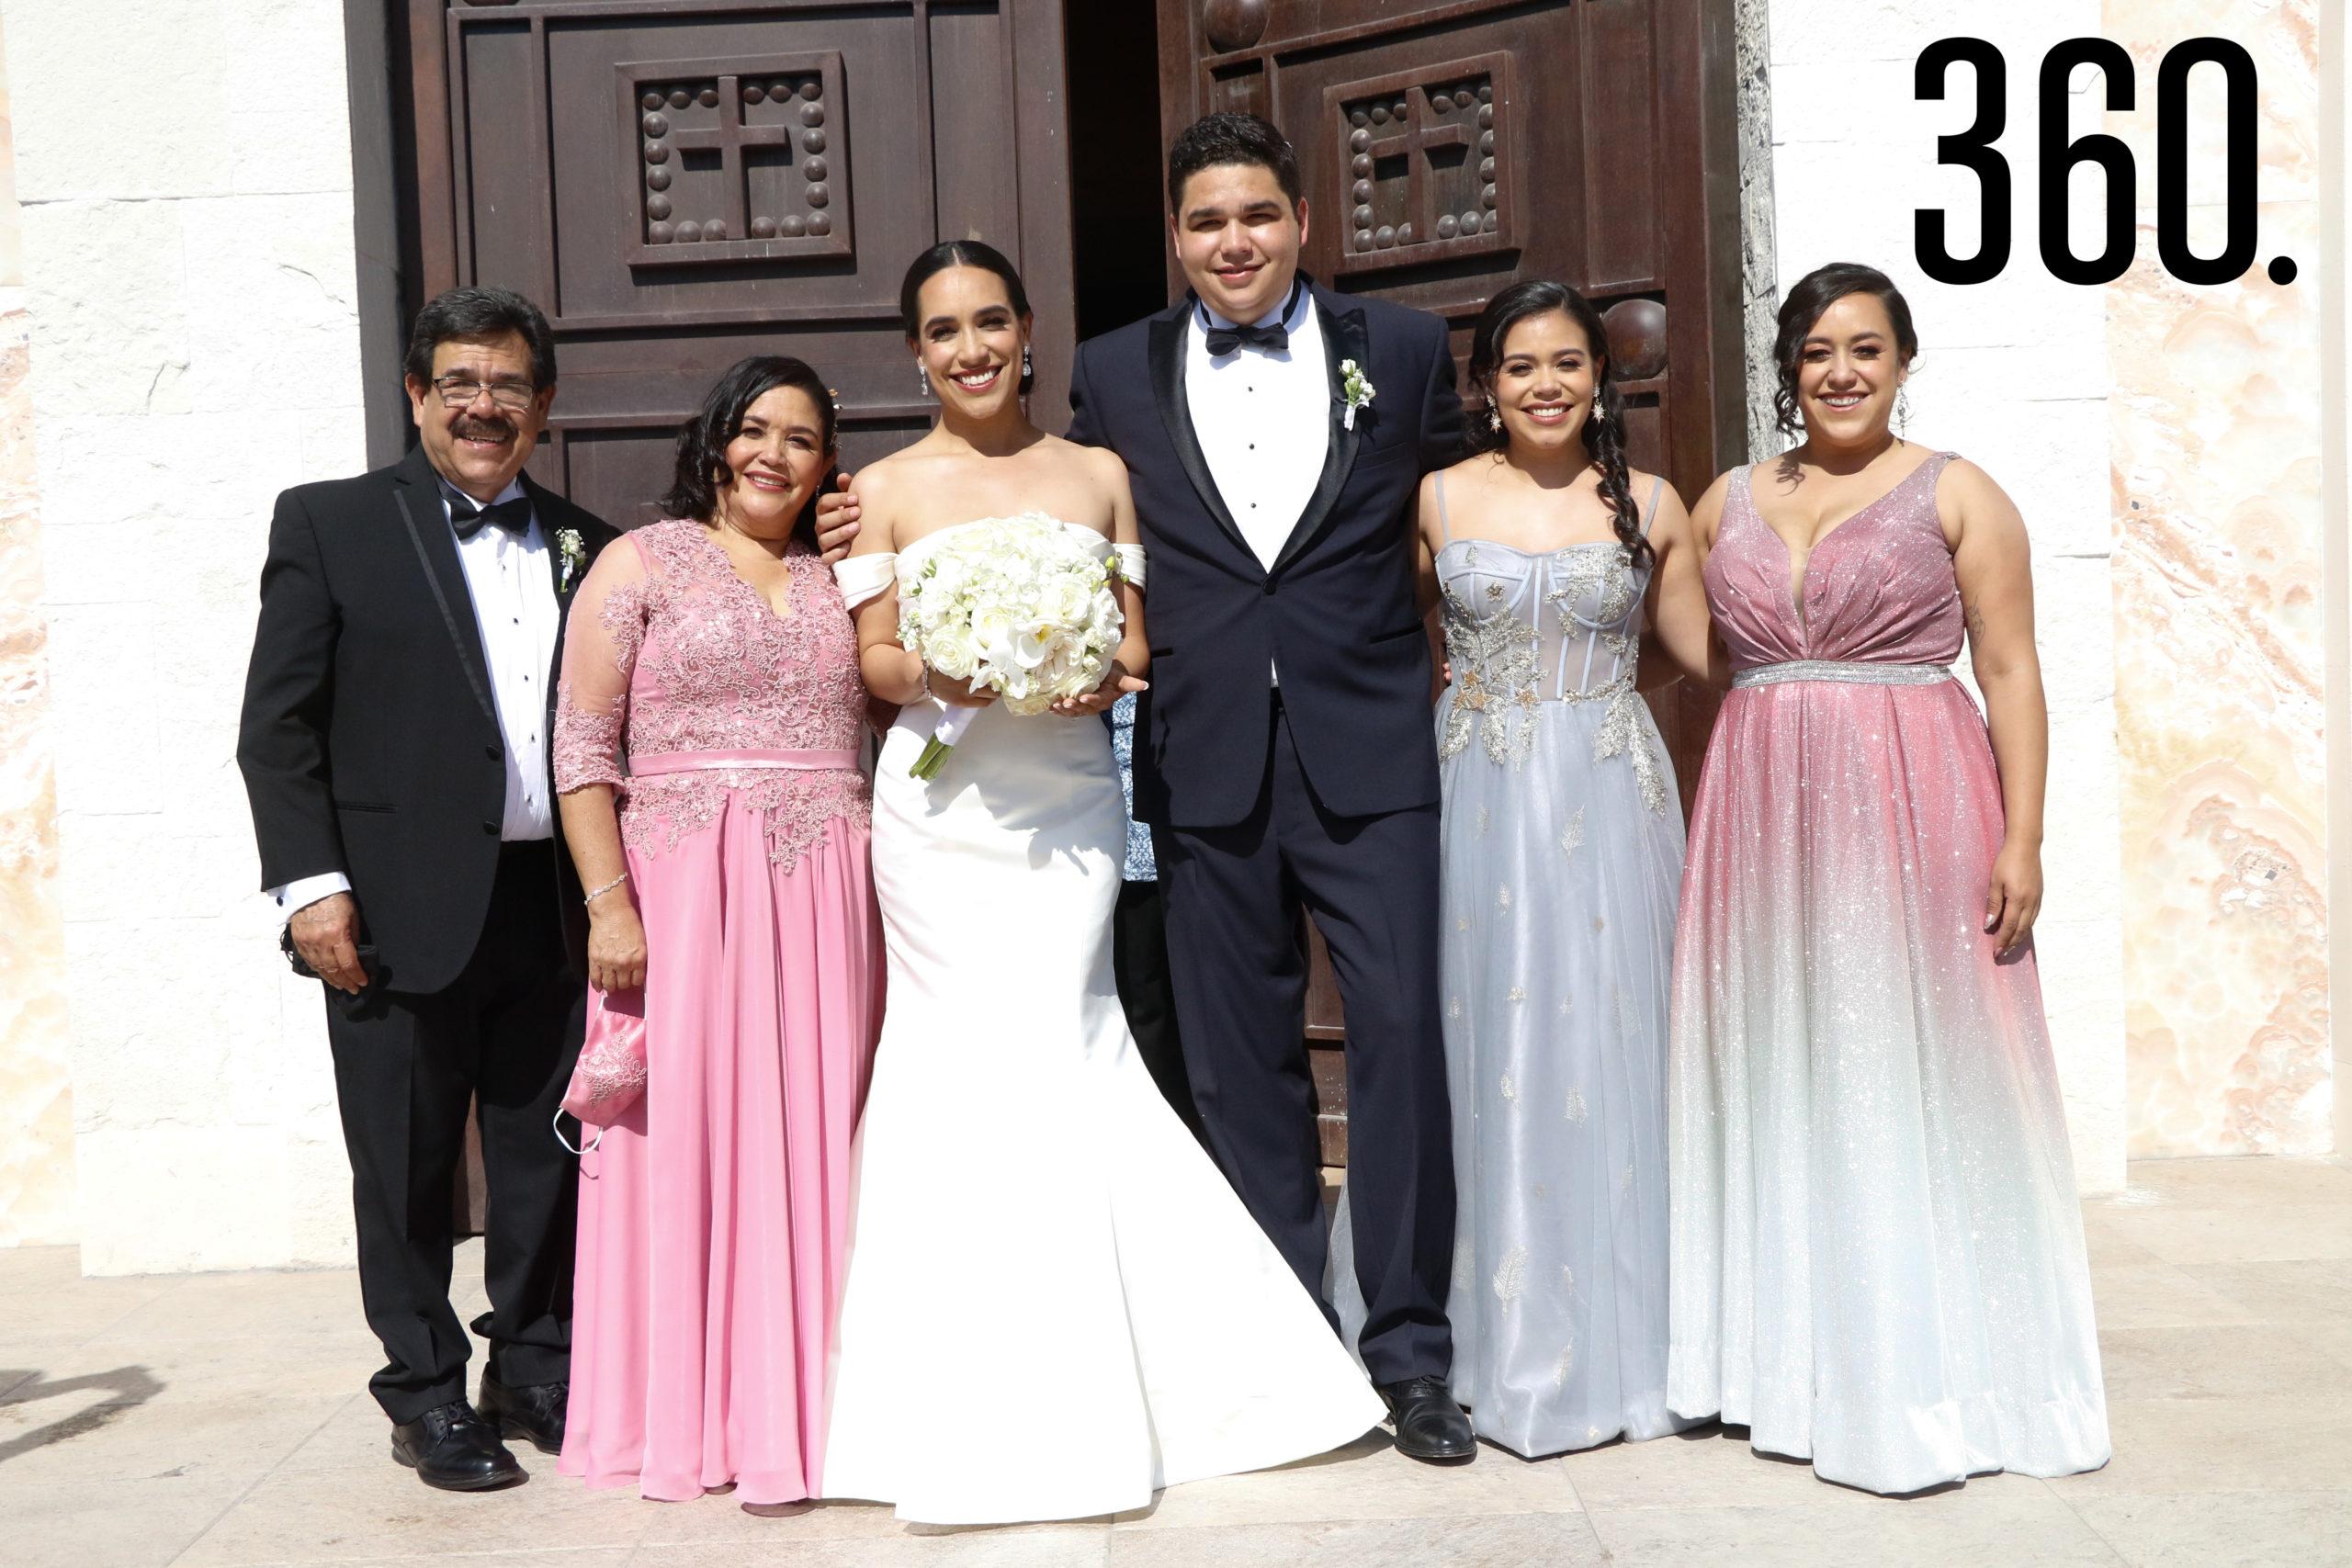 Los novios con Alfonso de León, Queta Ortega, Arely de León y Melissa de León, familia de la novia.